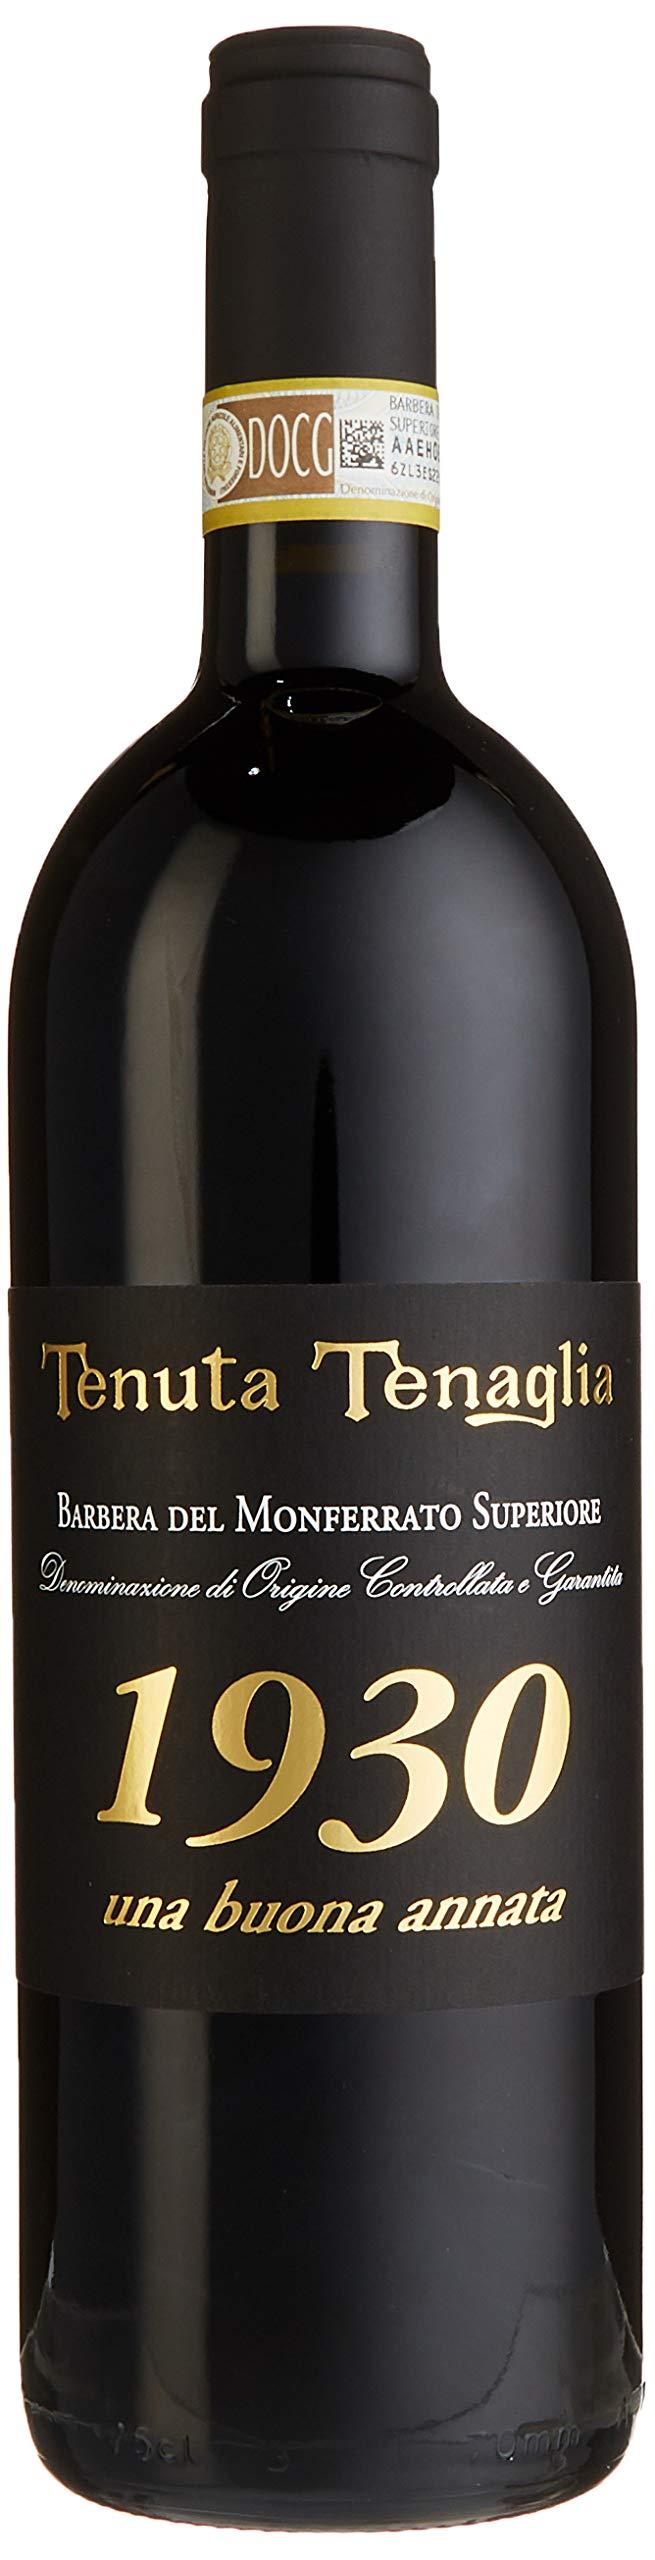 Tenuta-Tenaglia-Barbera-del-Monferrato-DOCG-Superiore-1930-trocken-1-x-075-l